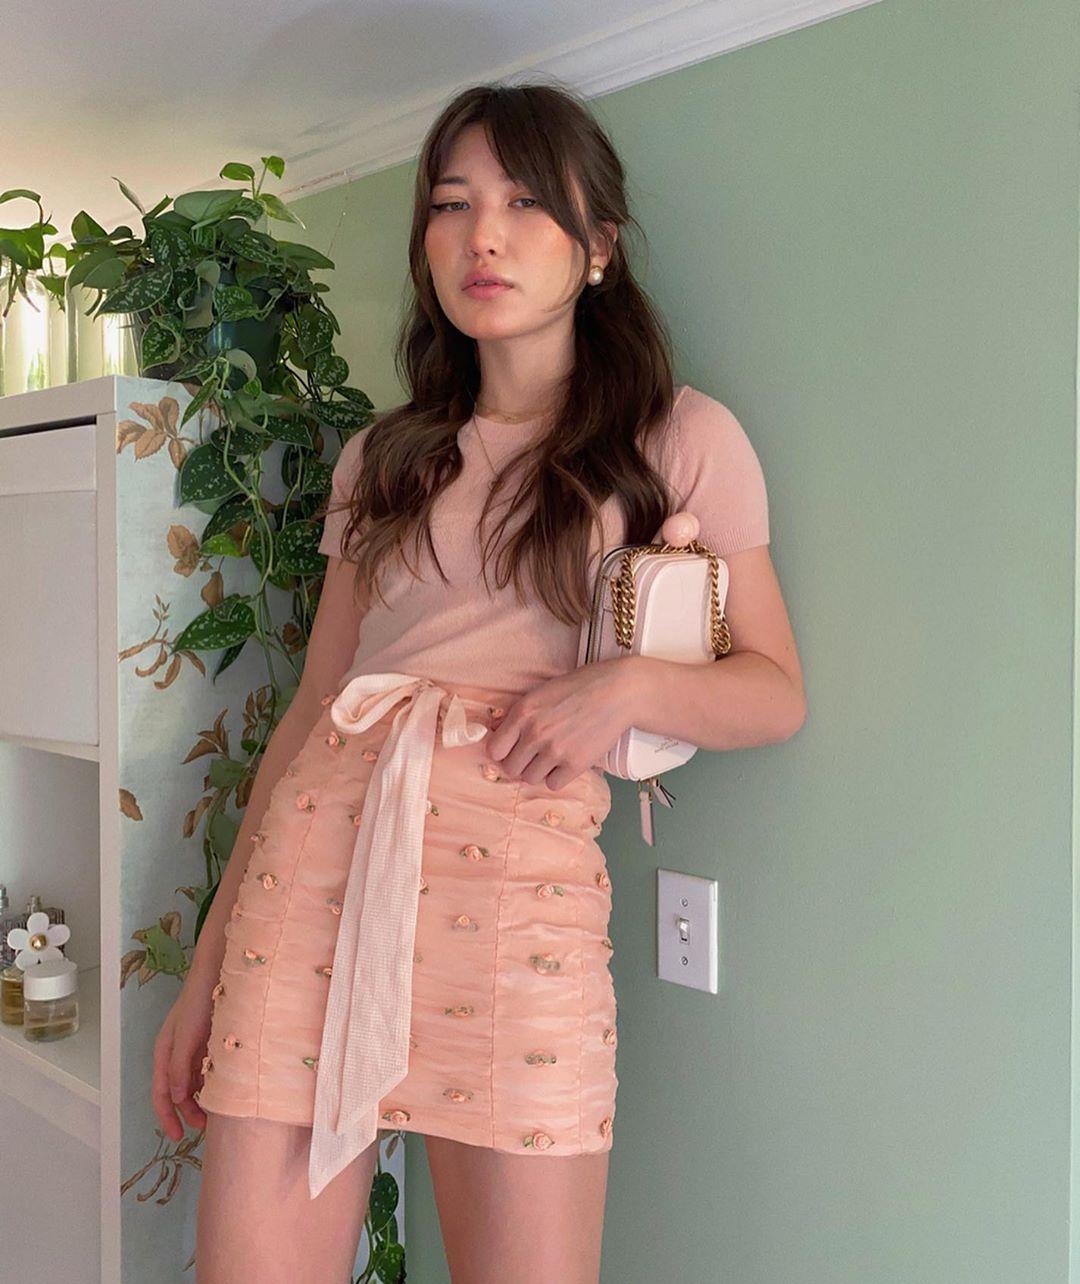 cô gái mặc chân váy chữ A màu hồng